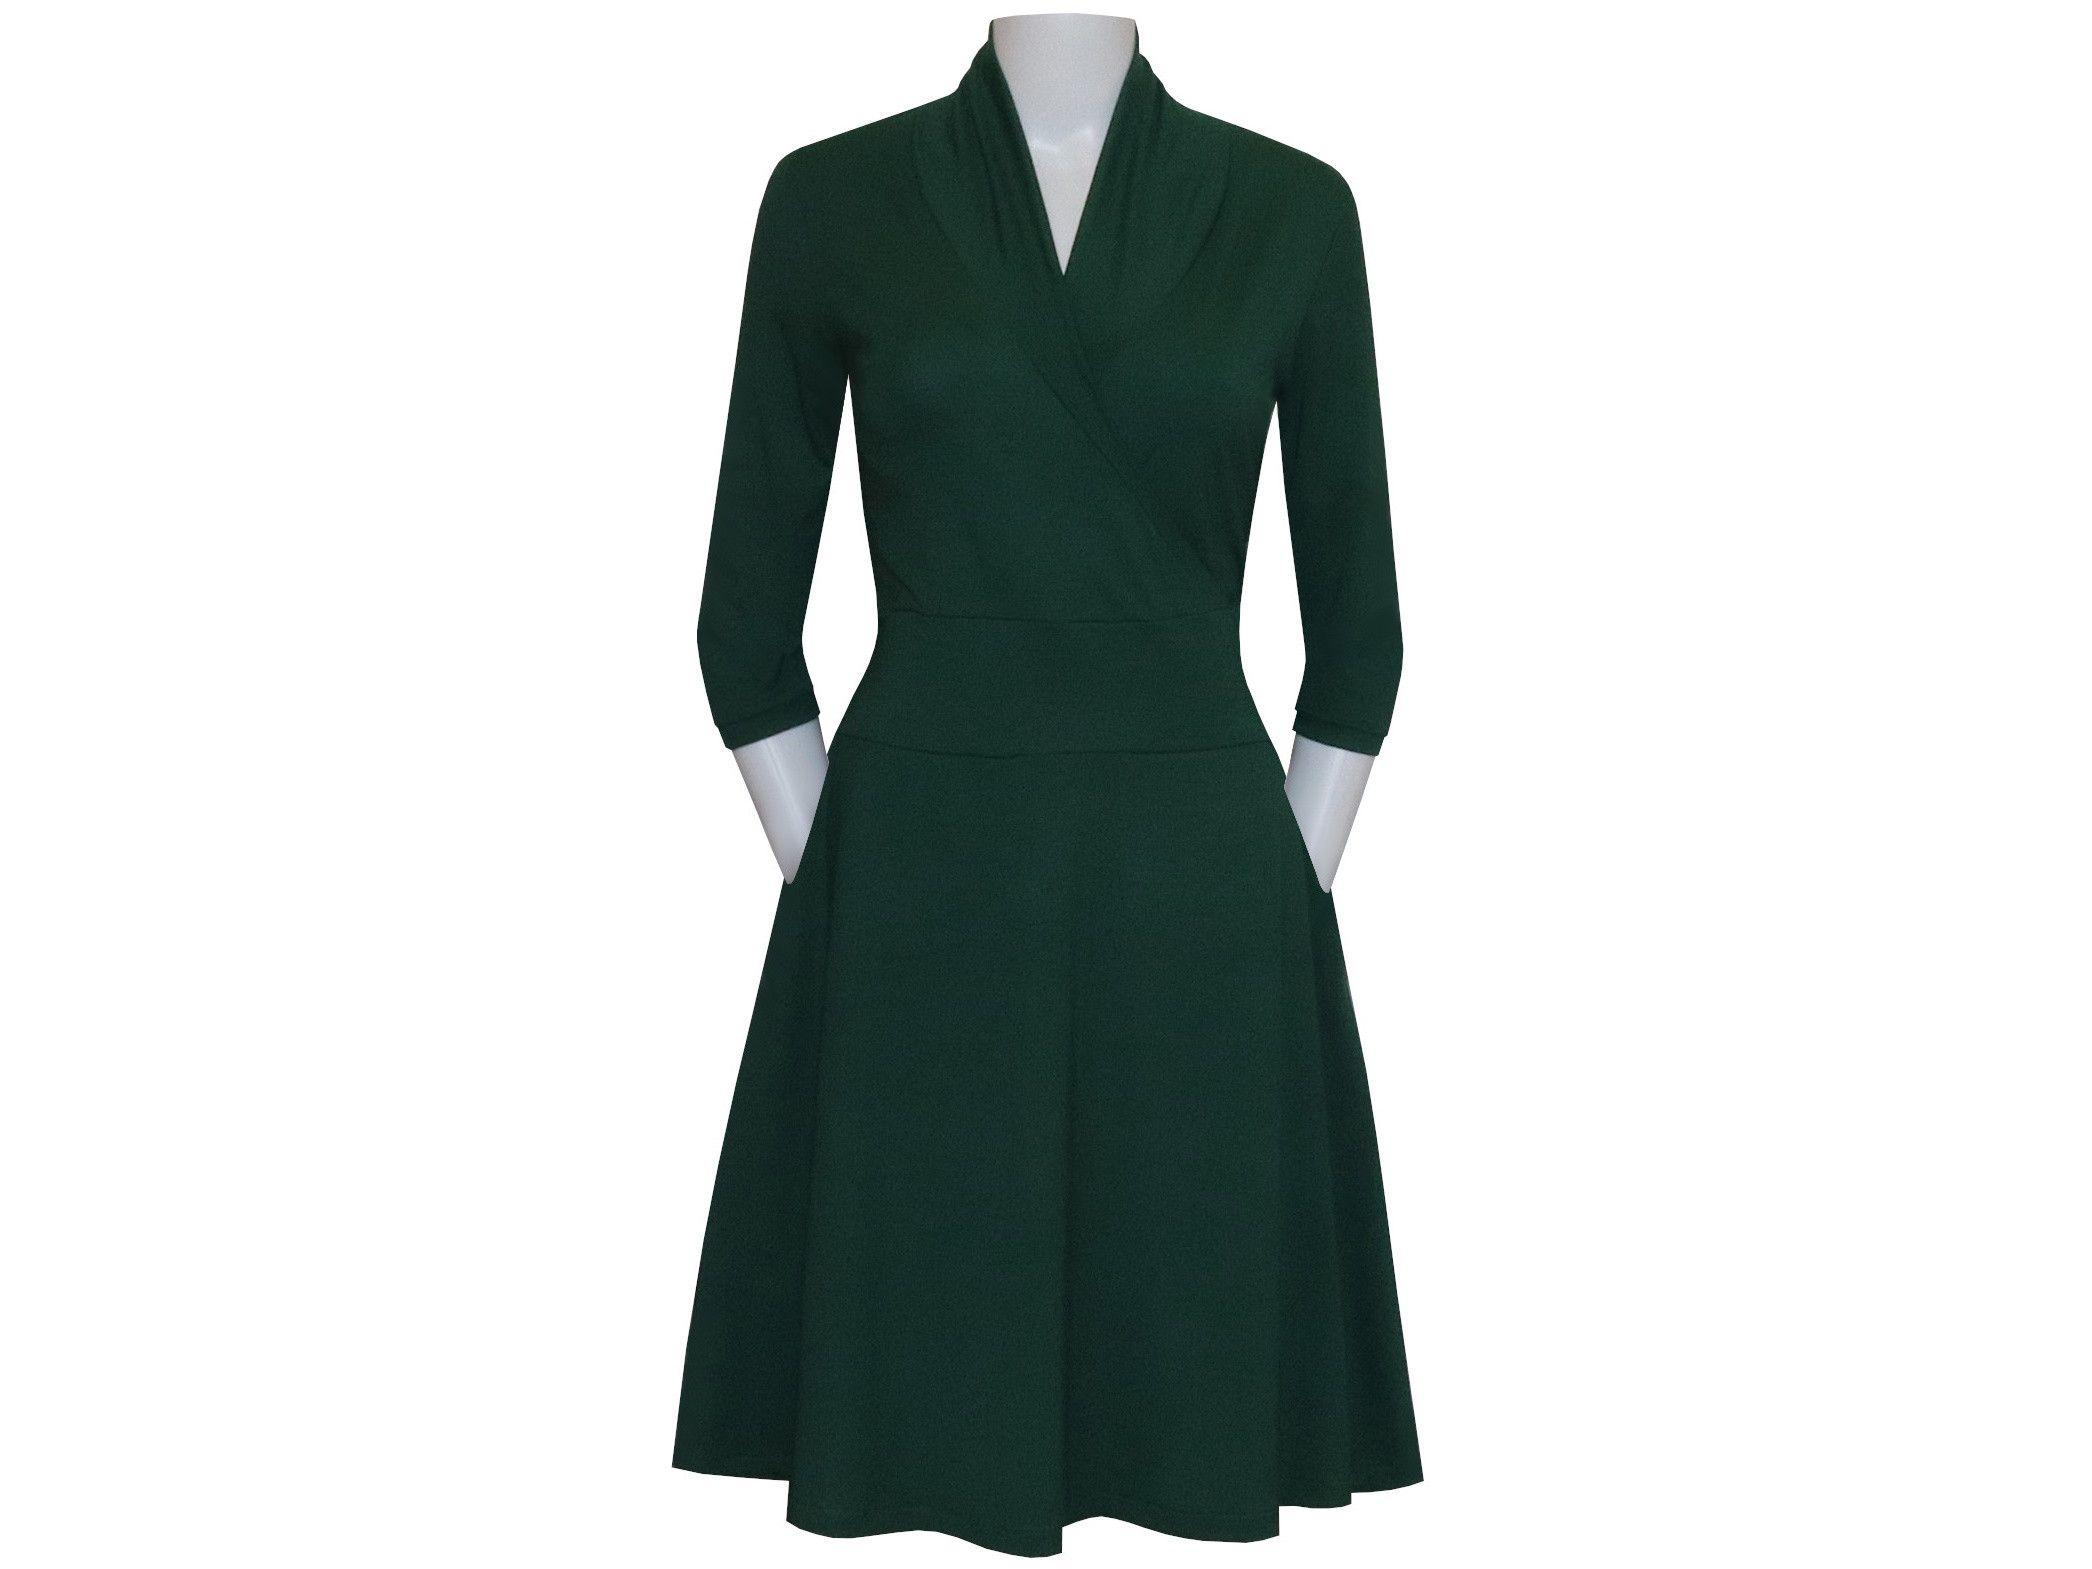 Kleid Kim mit Taschen  Kleider, Herbstkleid, Herbst kleid